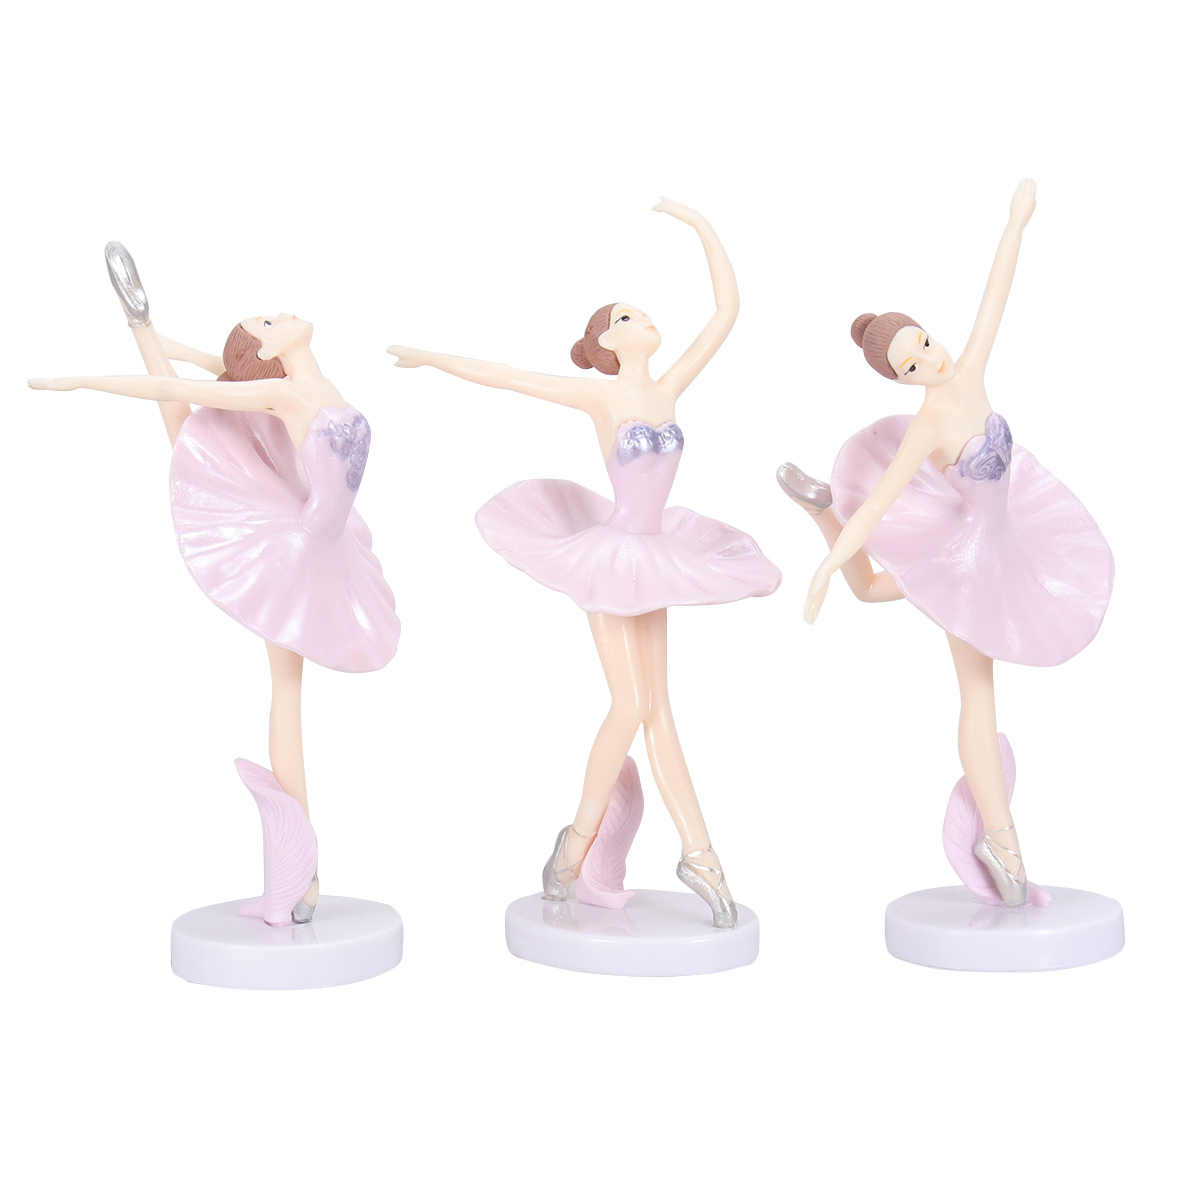 3 piezas de estatua de bailarina, adorno de escritorio, figurita de bailarina, figuritas, figuritas, miniaturas, figurita de bailarina, manualidades, figurita, decoración del hogar